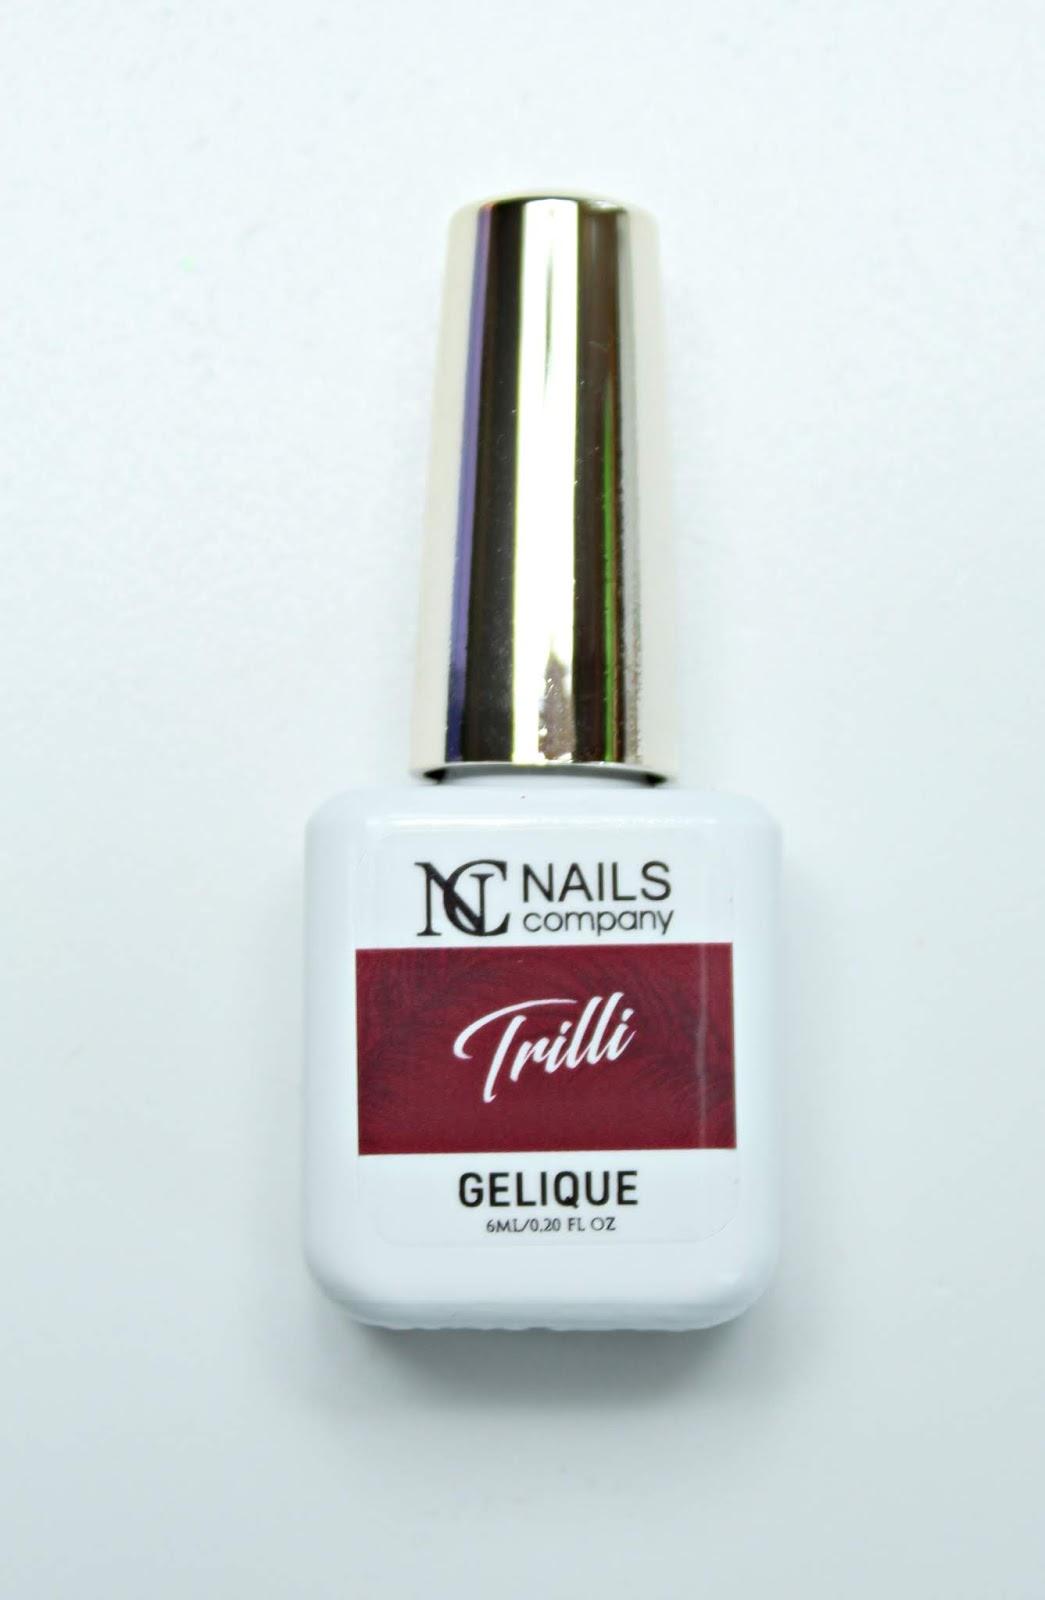 NC Nails Company Trilli